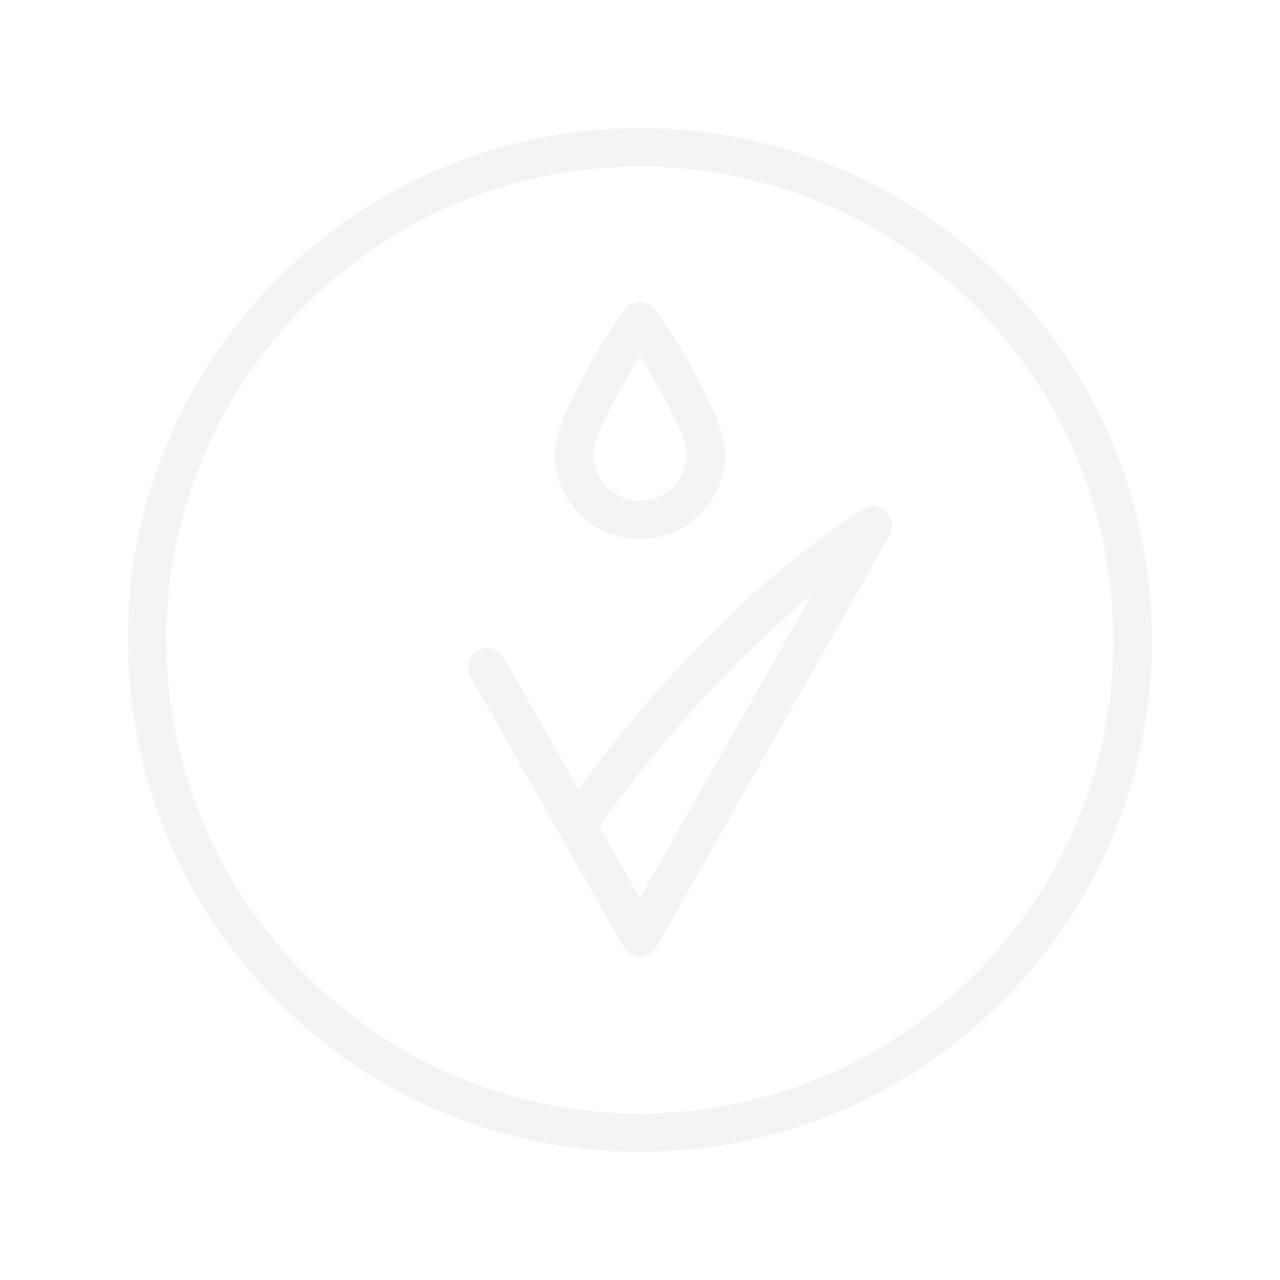 SAMPURE MINERALS Beautiful Volume & Curl Mascara Blue 12g